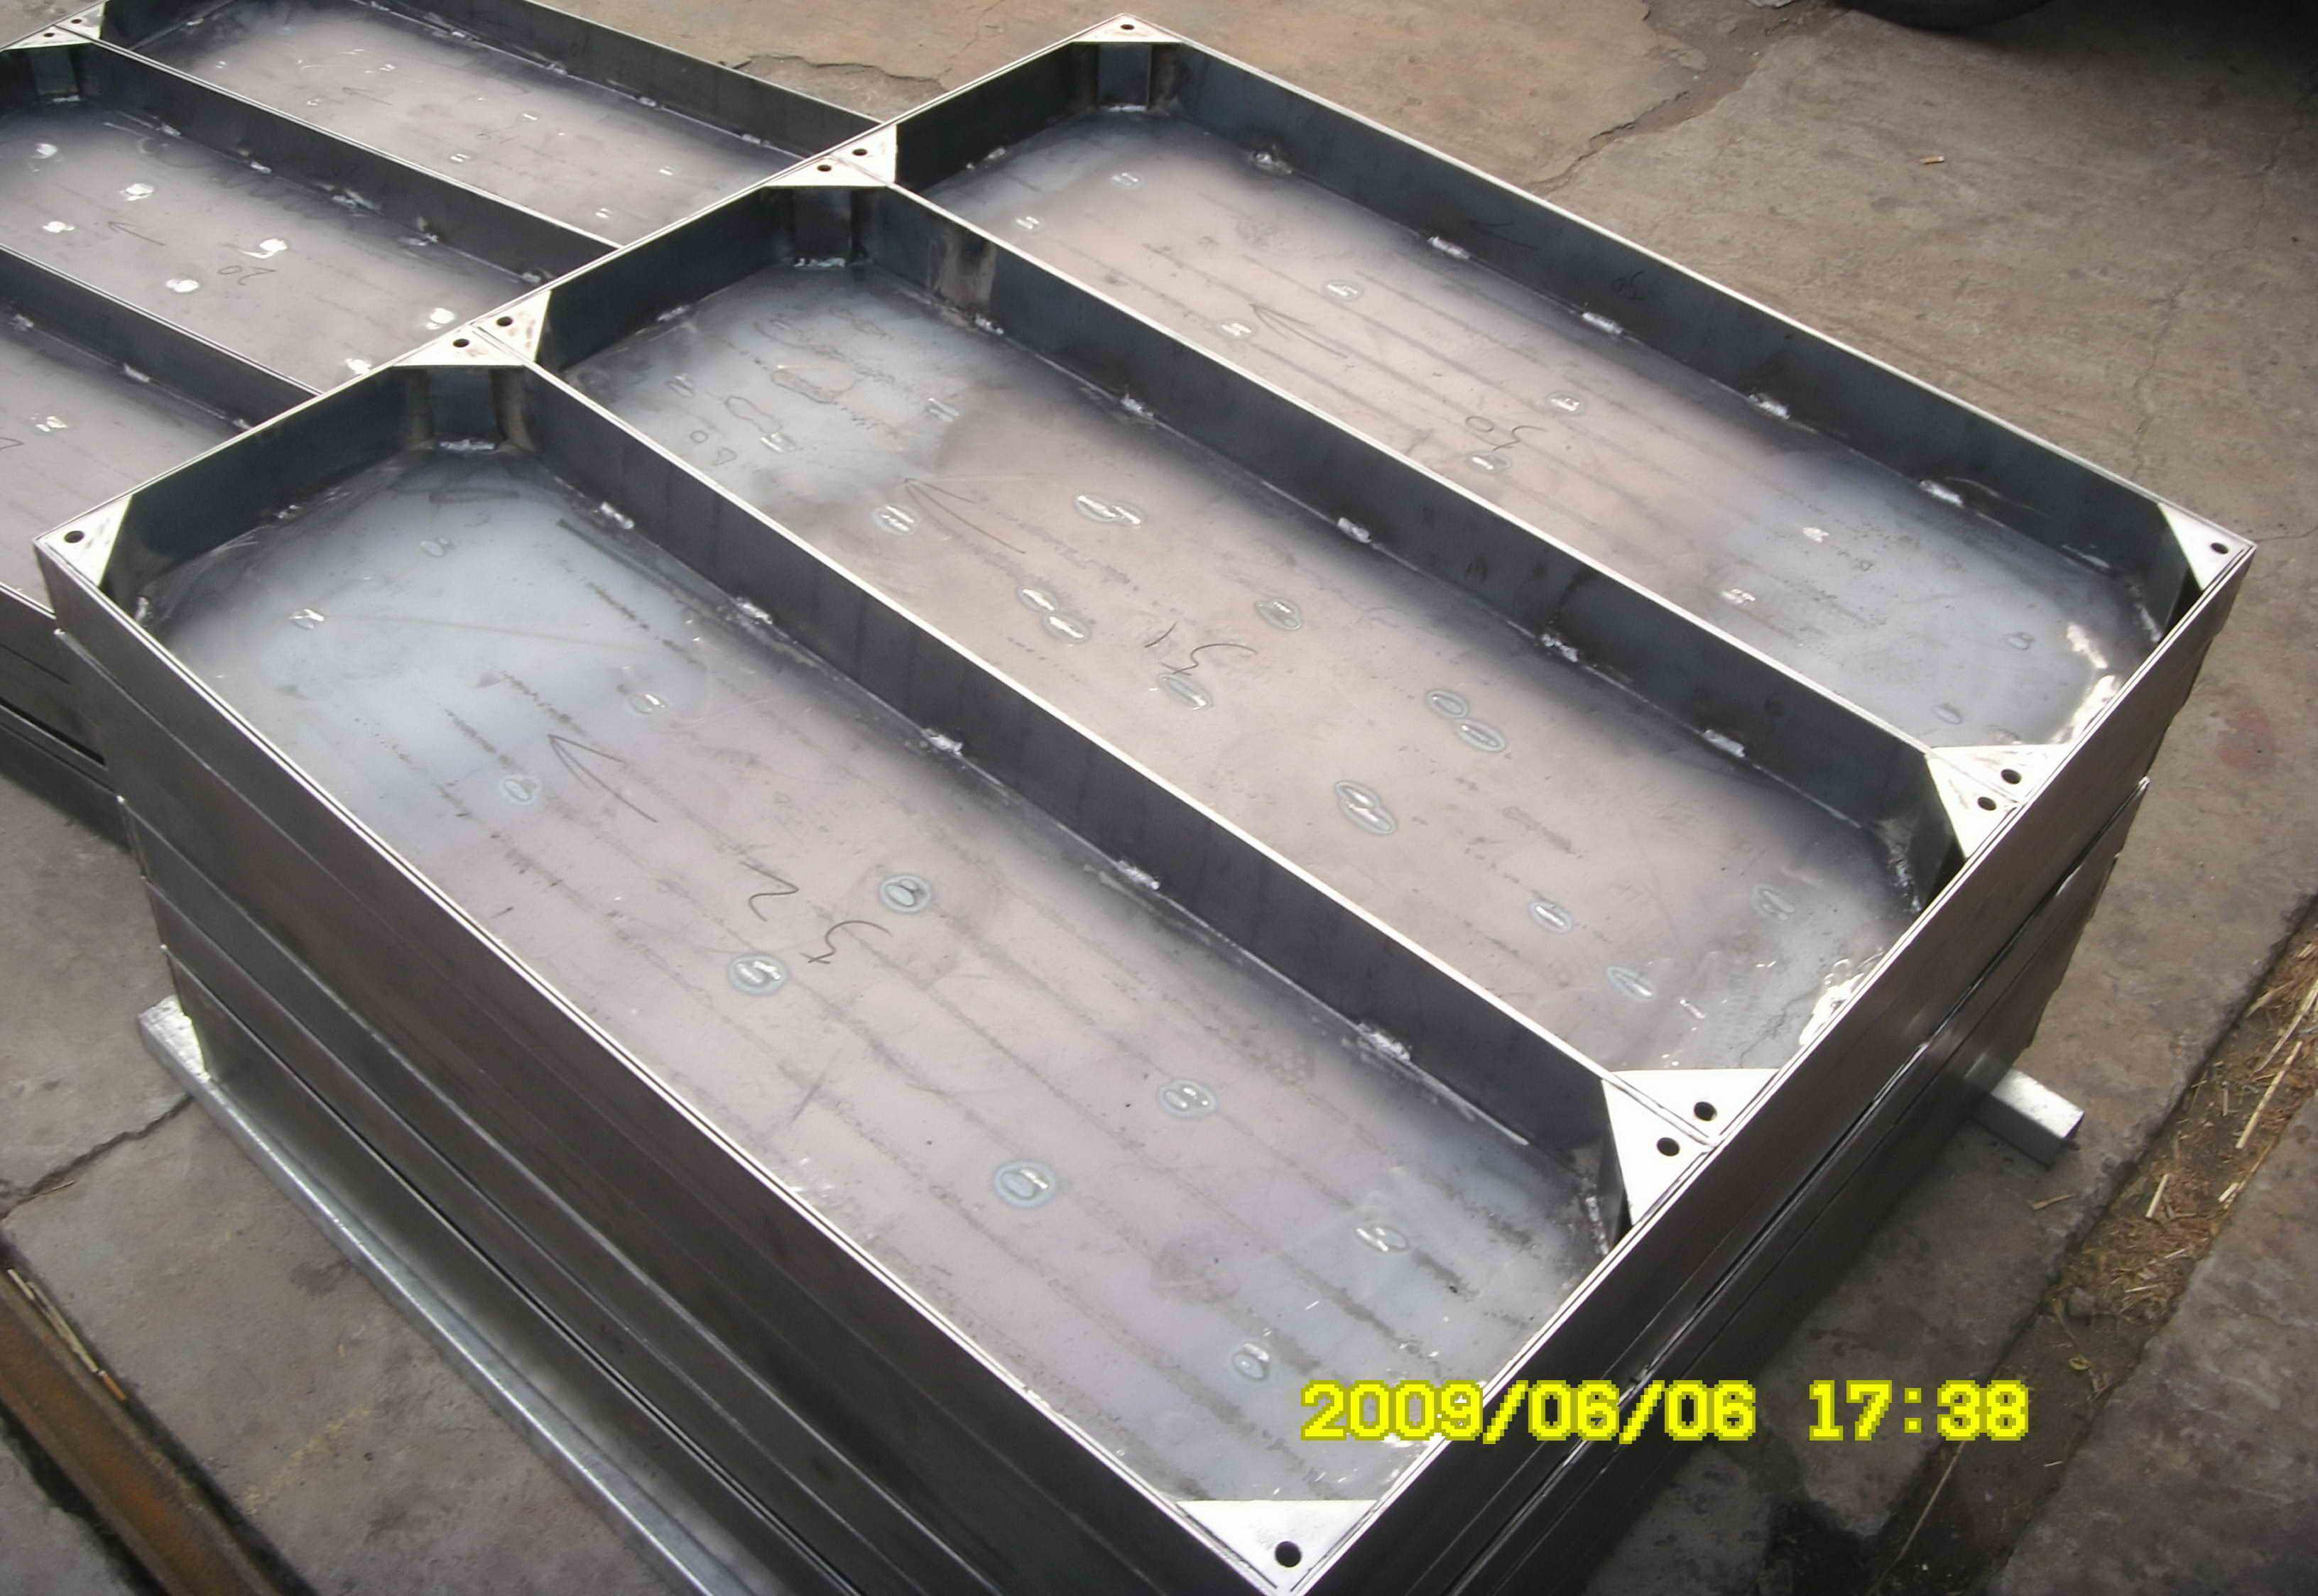 集美不锈钢井盖供应商  304/201 不锈钢井盖报价    不锈钢下水道井盖质量保证